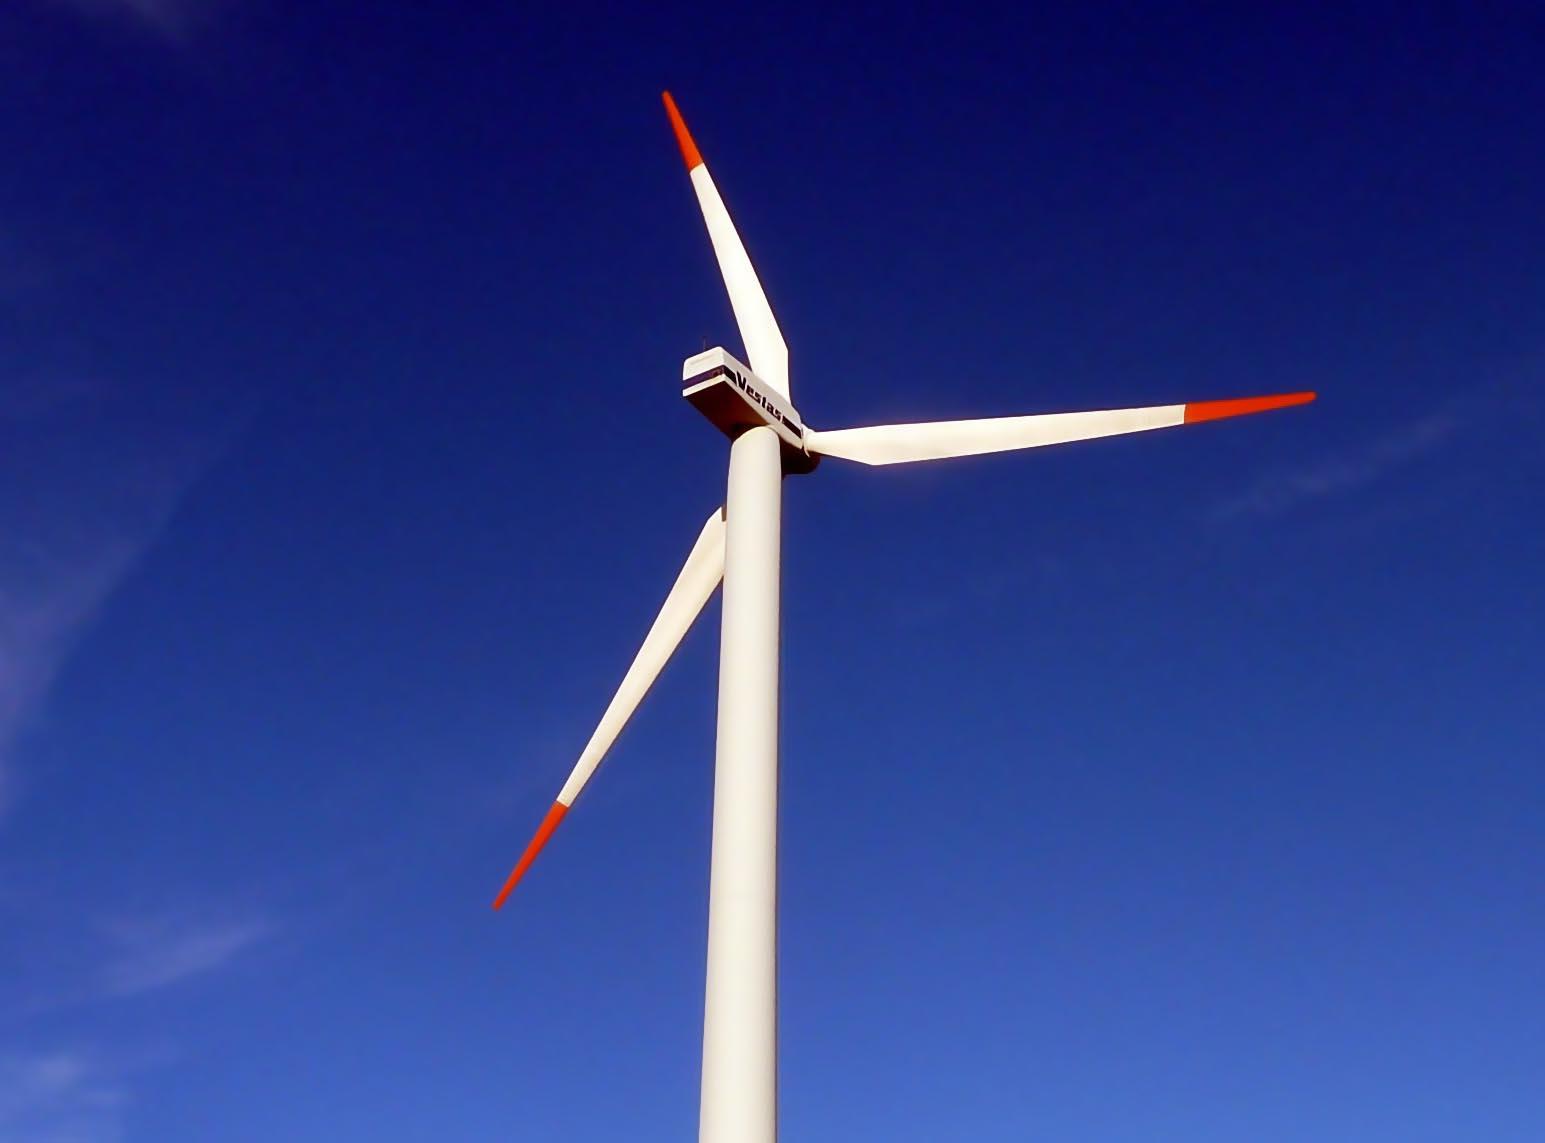 Завод по производству элементов ветроустановок Башни ВРС получил квалификацию Vestas